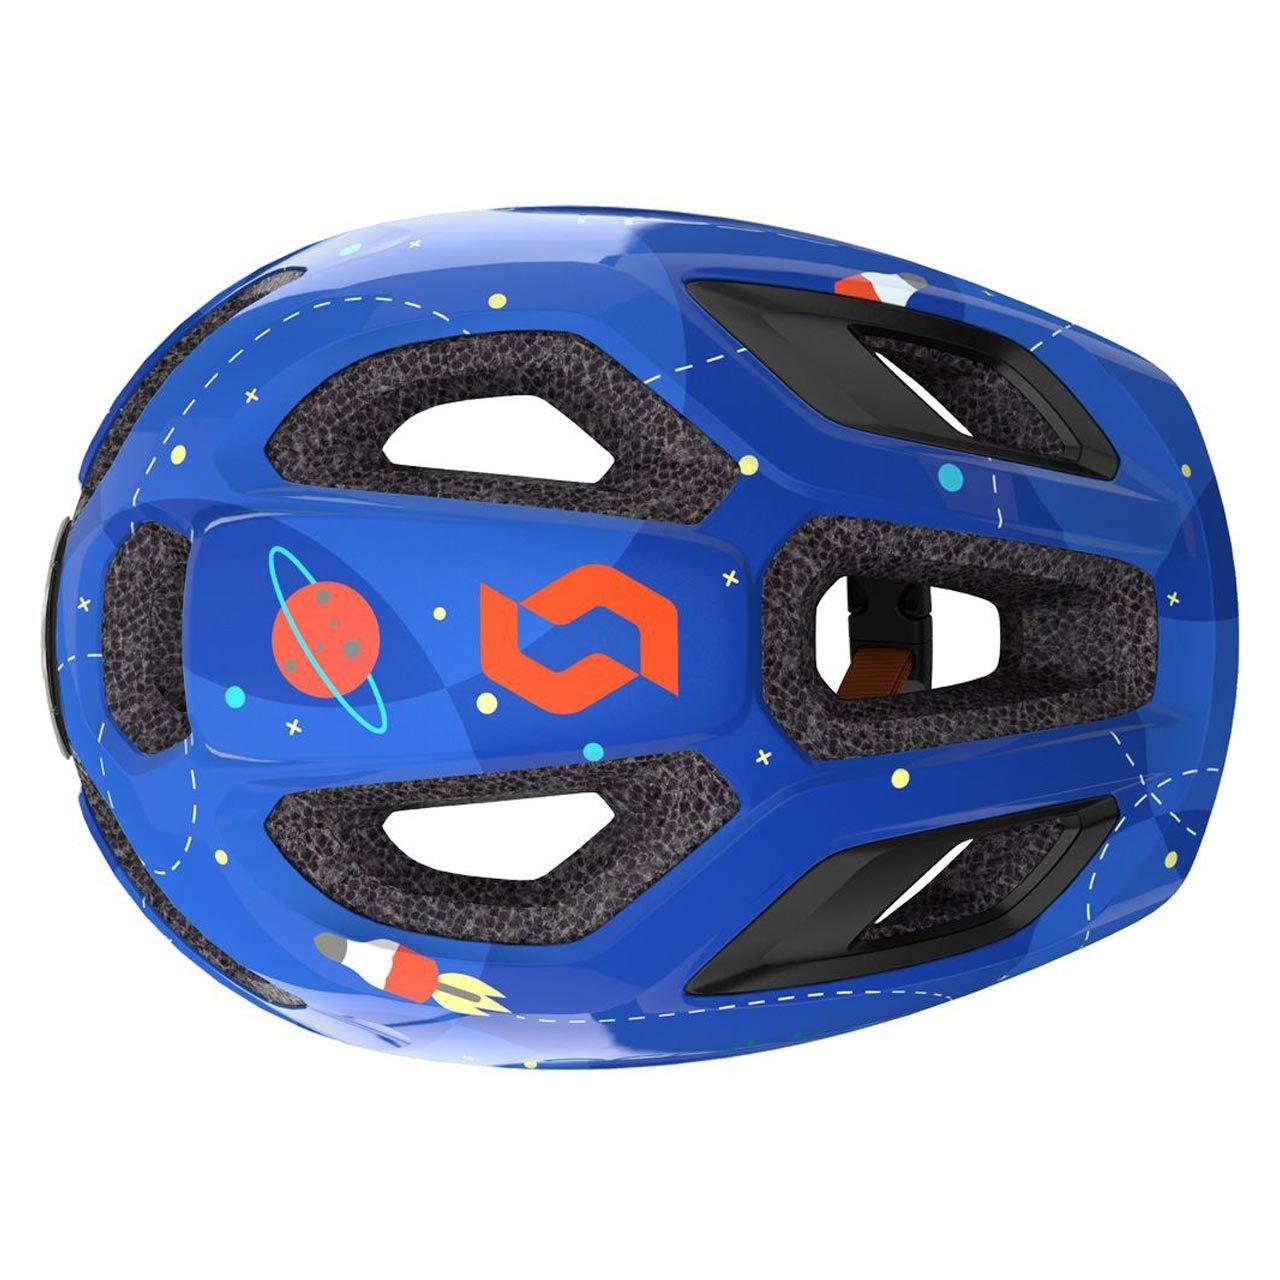 Casco da Bicicletta per Bambini Scott Spunto